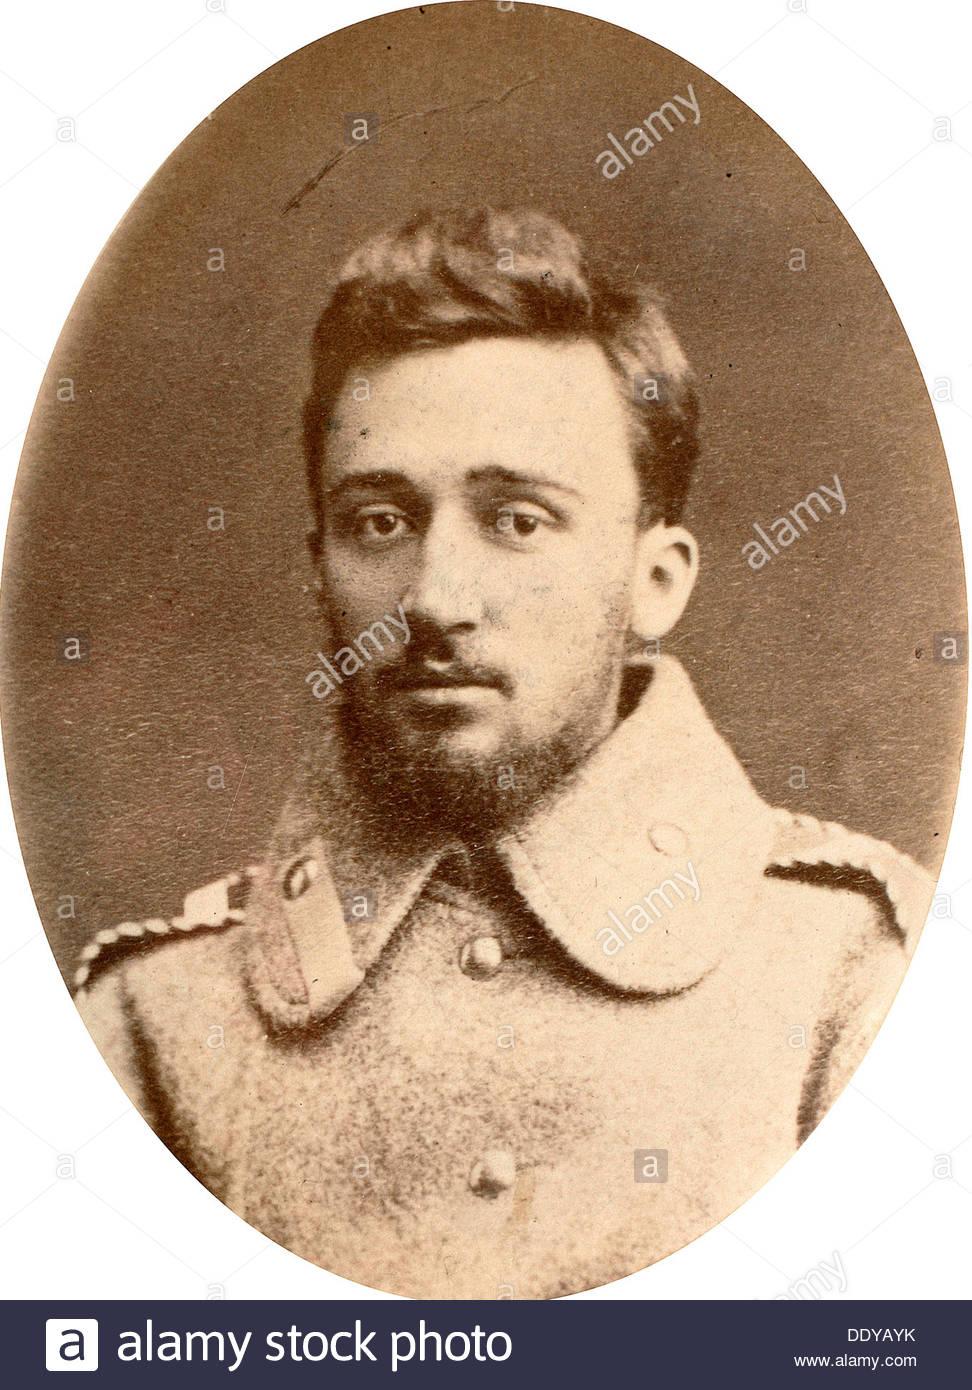 Vsevolod Garshin, russischer Autor, 19. Jahrhundert. Künstler: Engel Stockbild